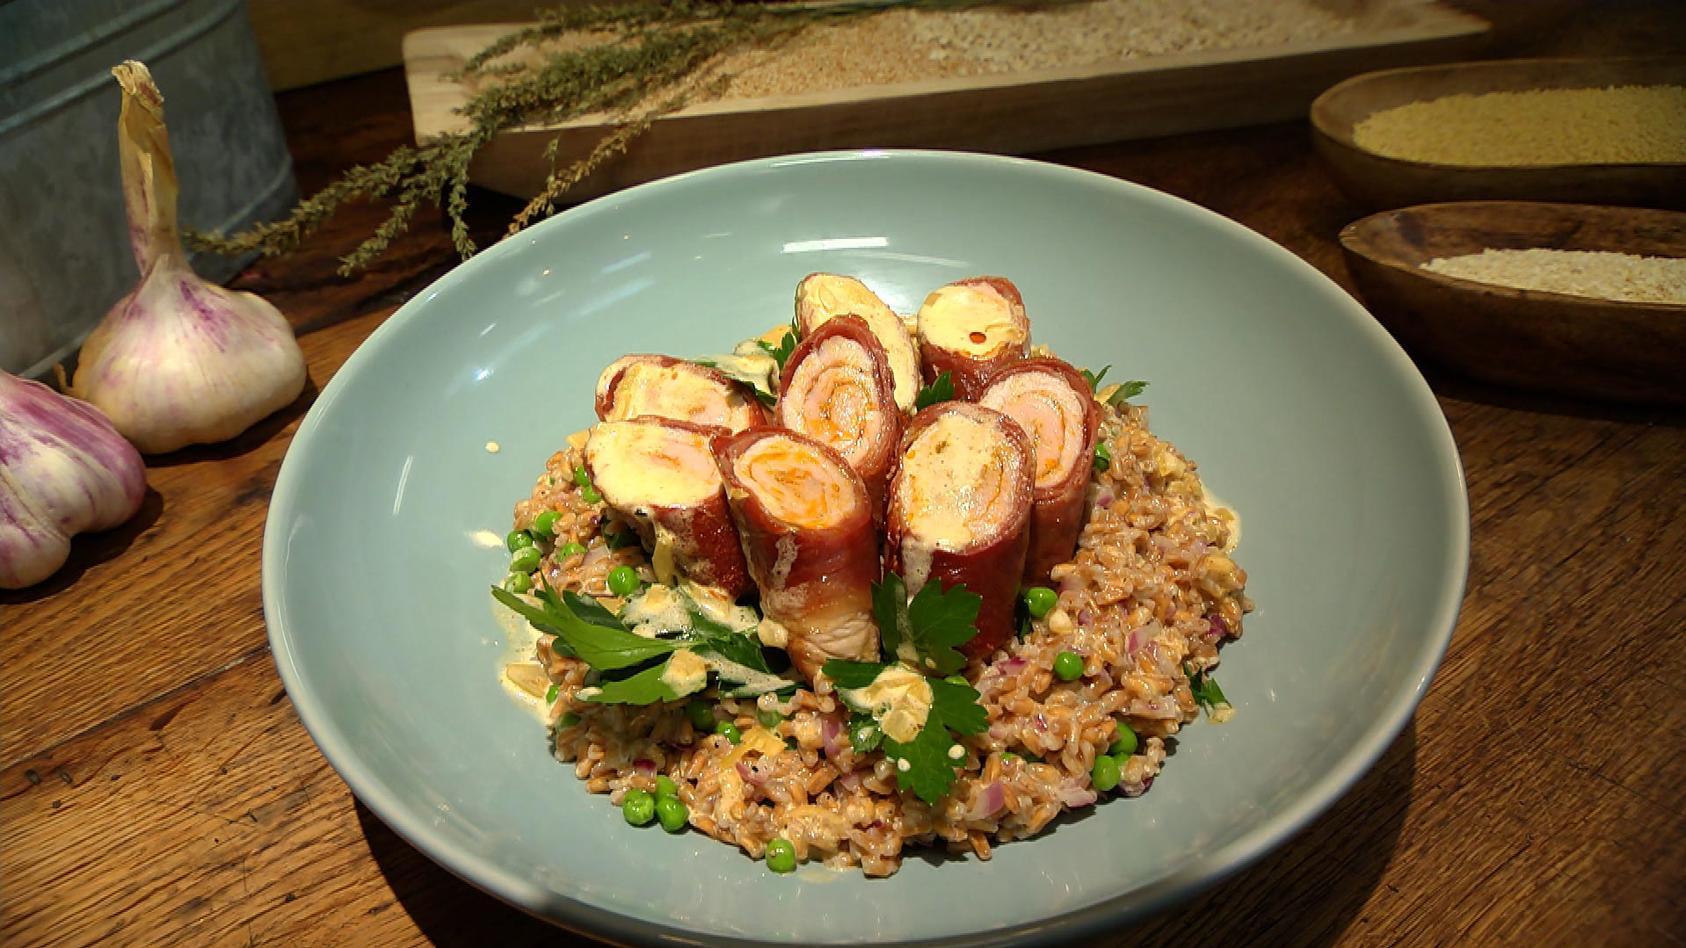 Aufs Korn genommen – Feldfrüchte genießen: Schnitzelröllchen mit Dinkel-Erbsen-Allerlei